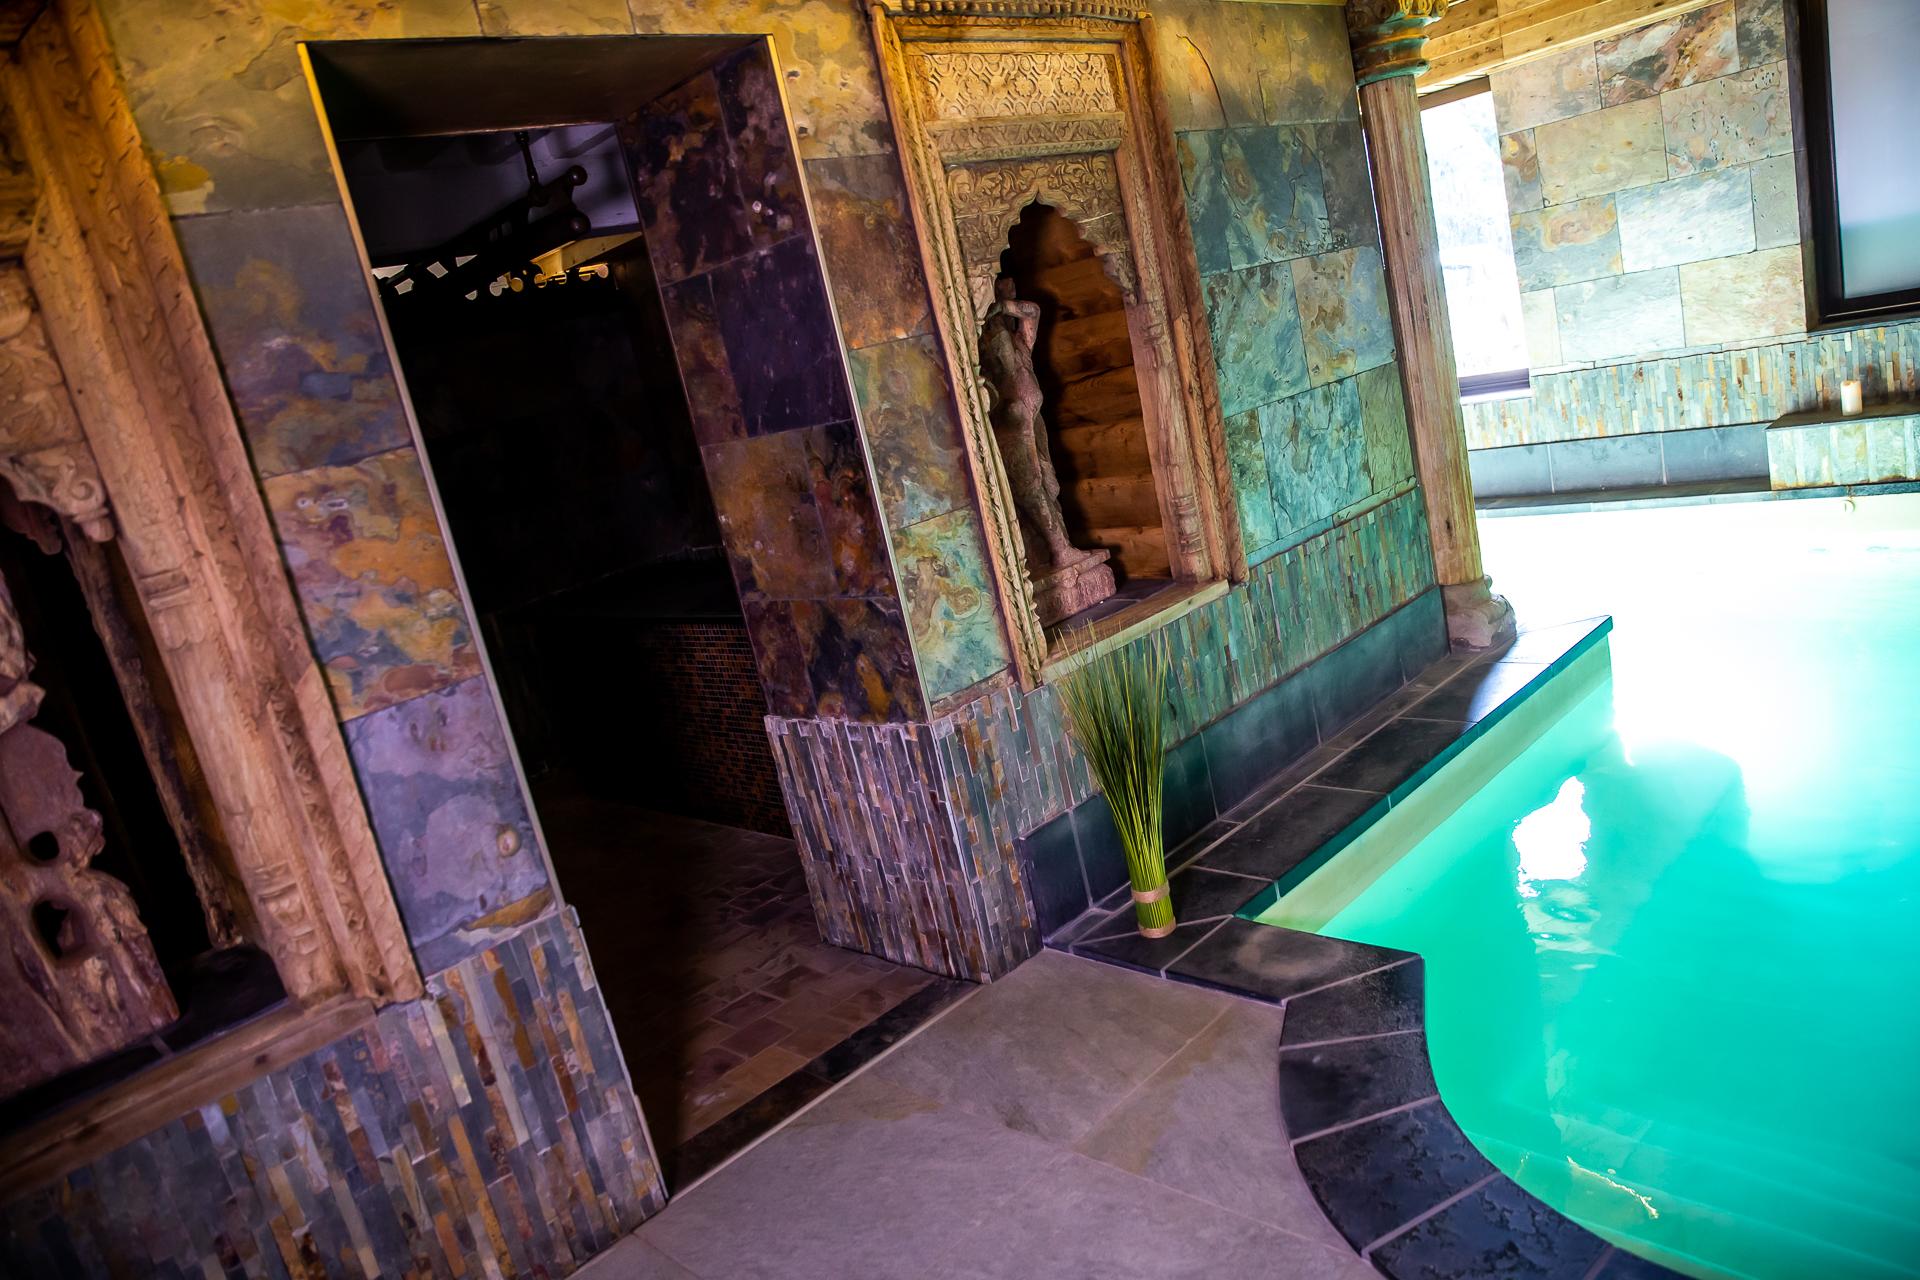 hotel_spa_le_lion_d_or-7746©Stephane_Leroy.jpg